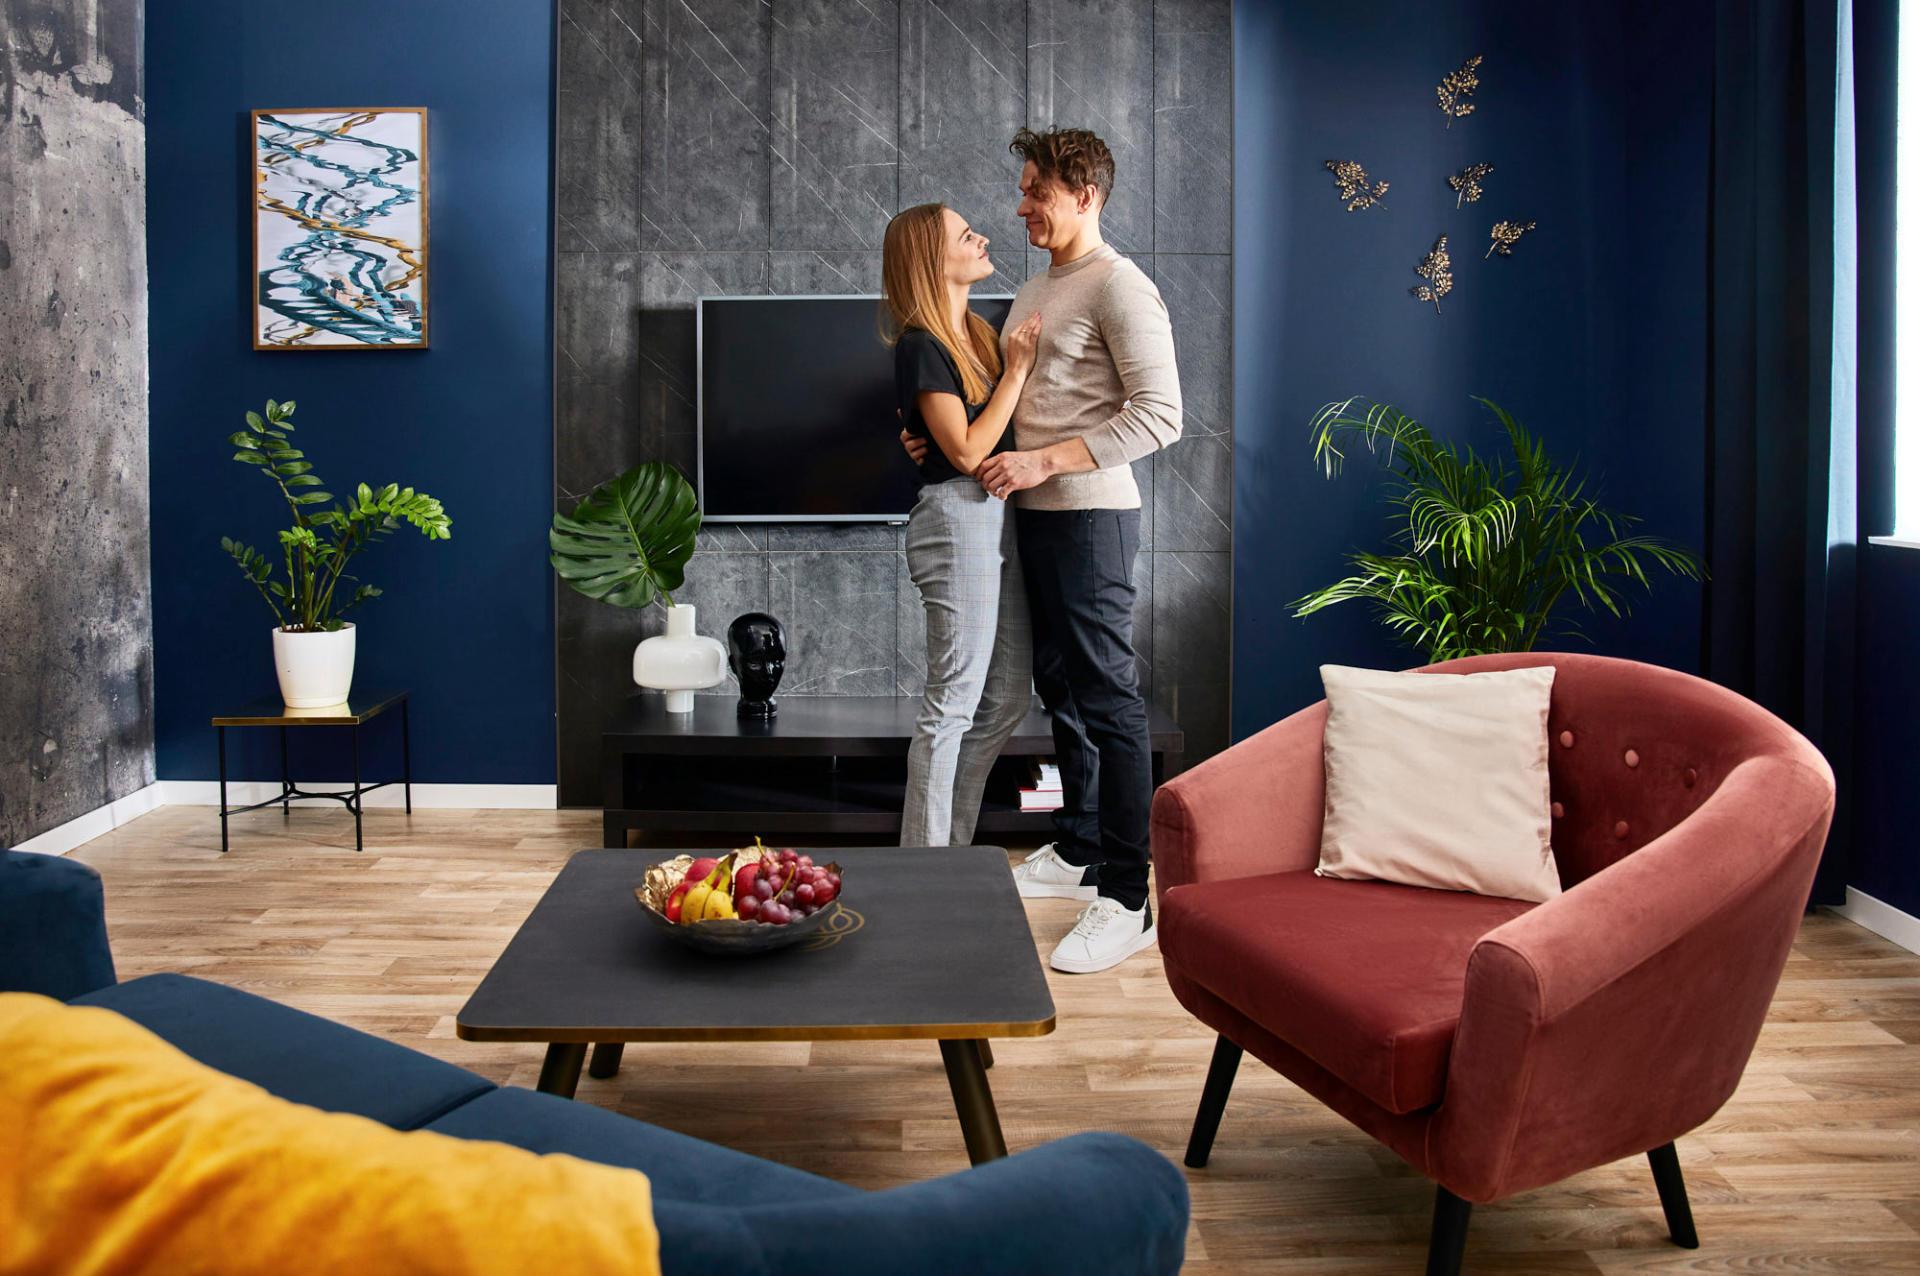 reklamowa-sesja-fotograficzna-swiss-krono-walldesign